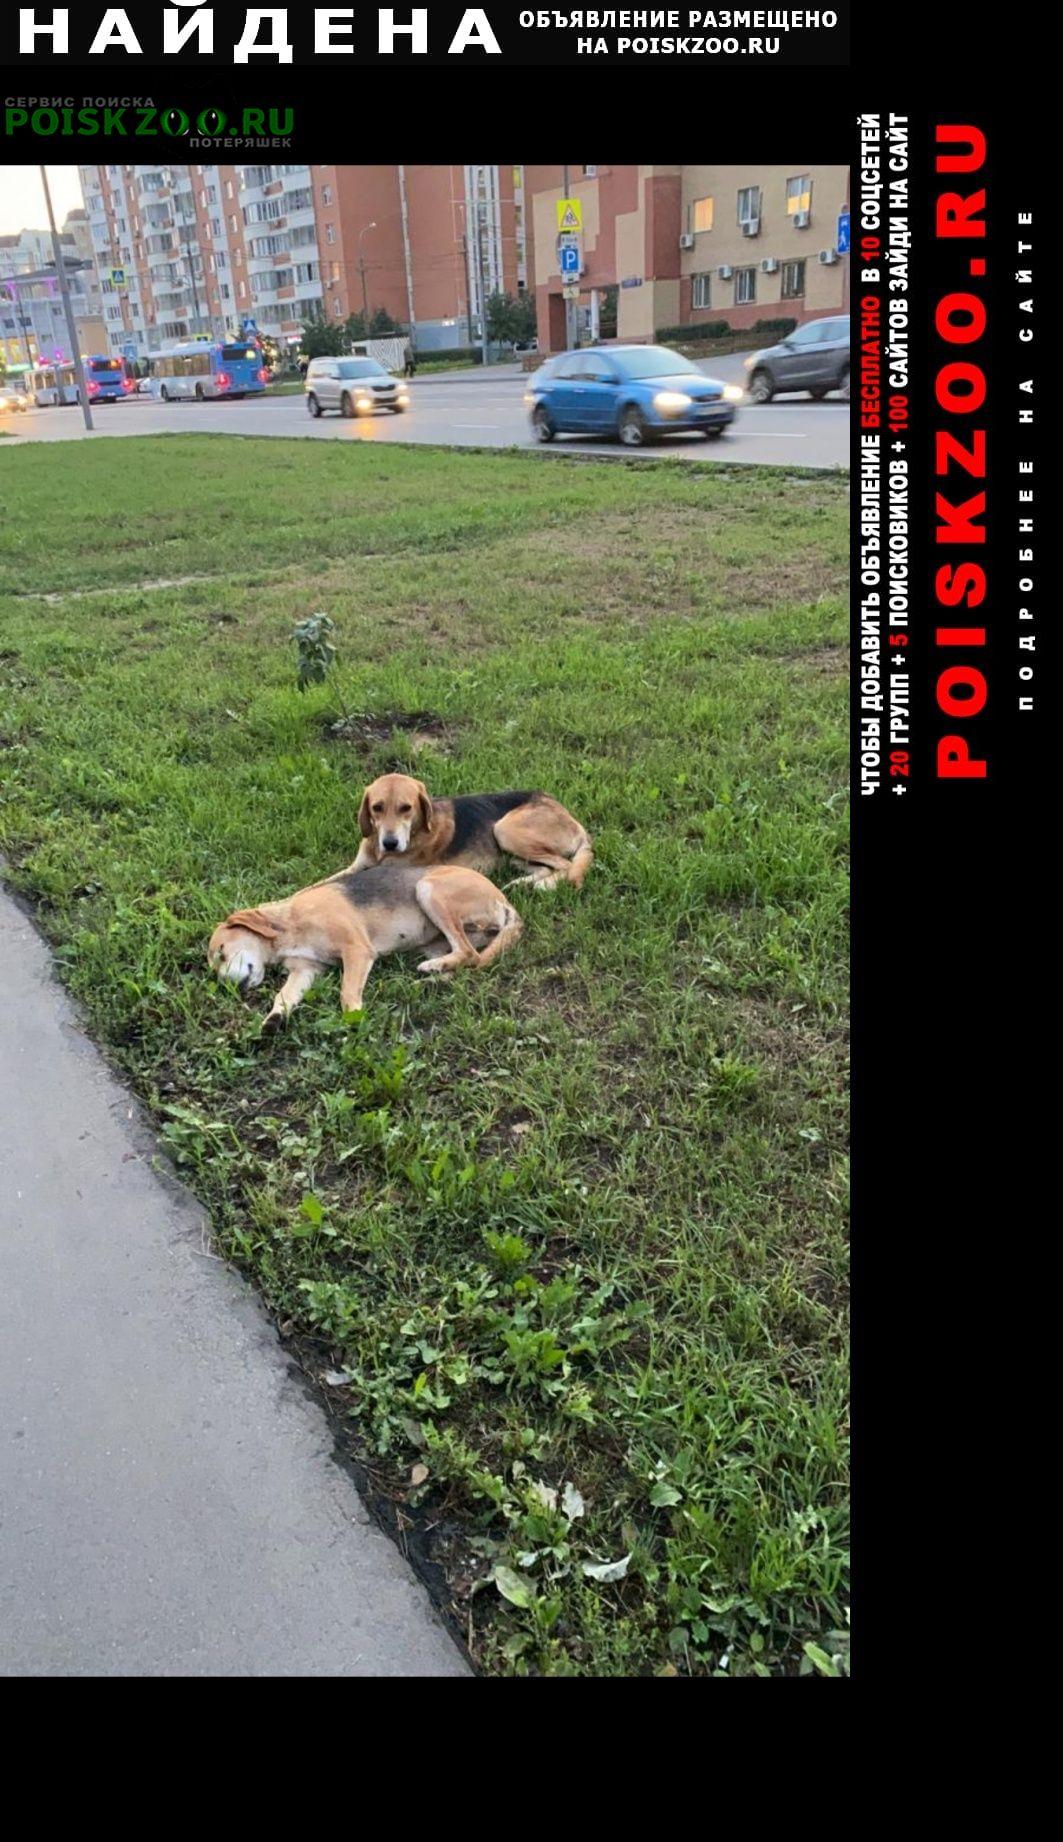 Найдена собака кобель 2 русские гончии мальчик и девочка Москва